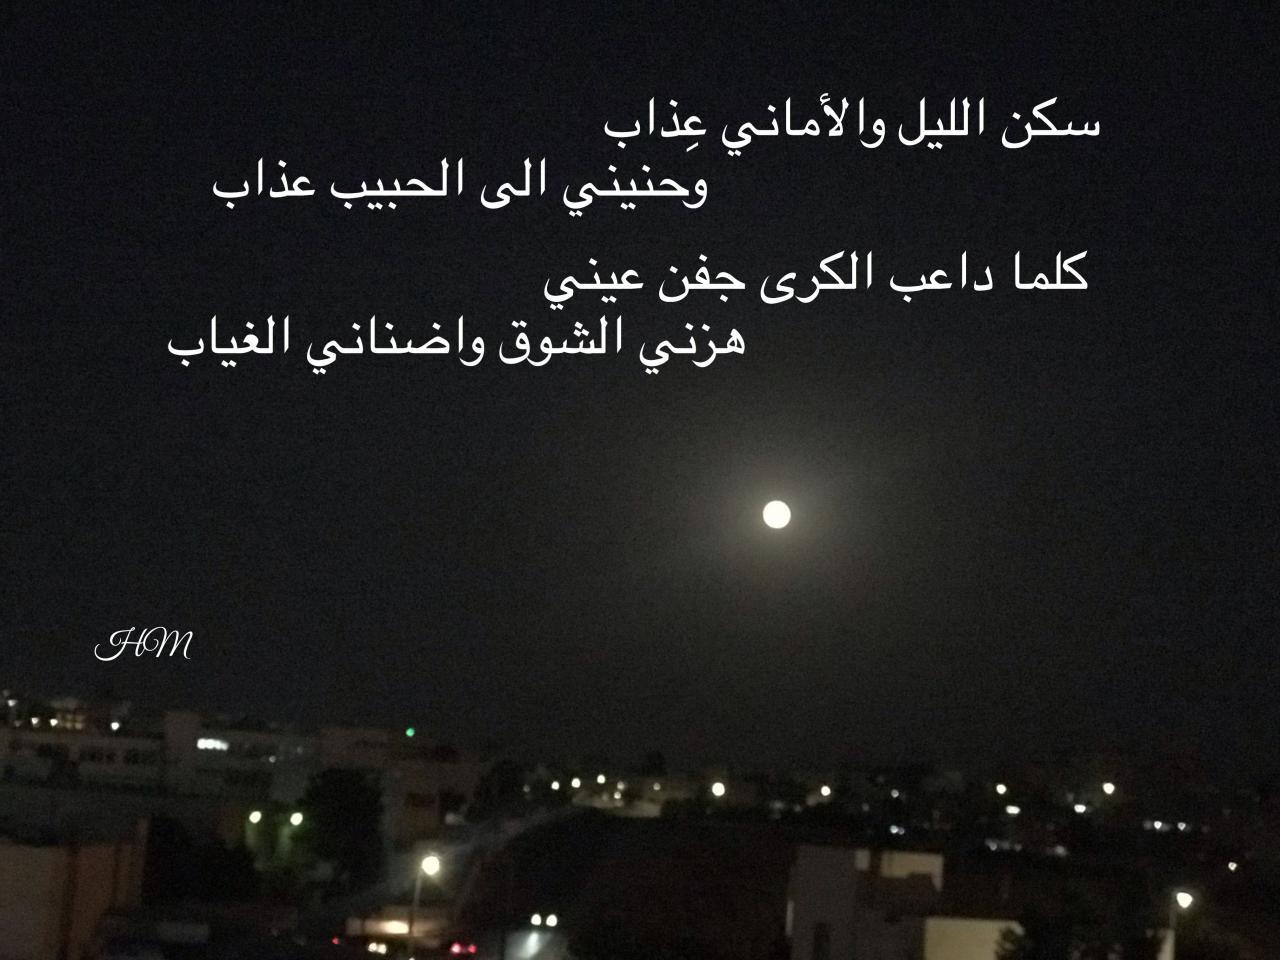 كلام جميل كلام عن القمر تويتر